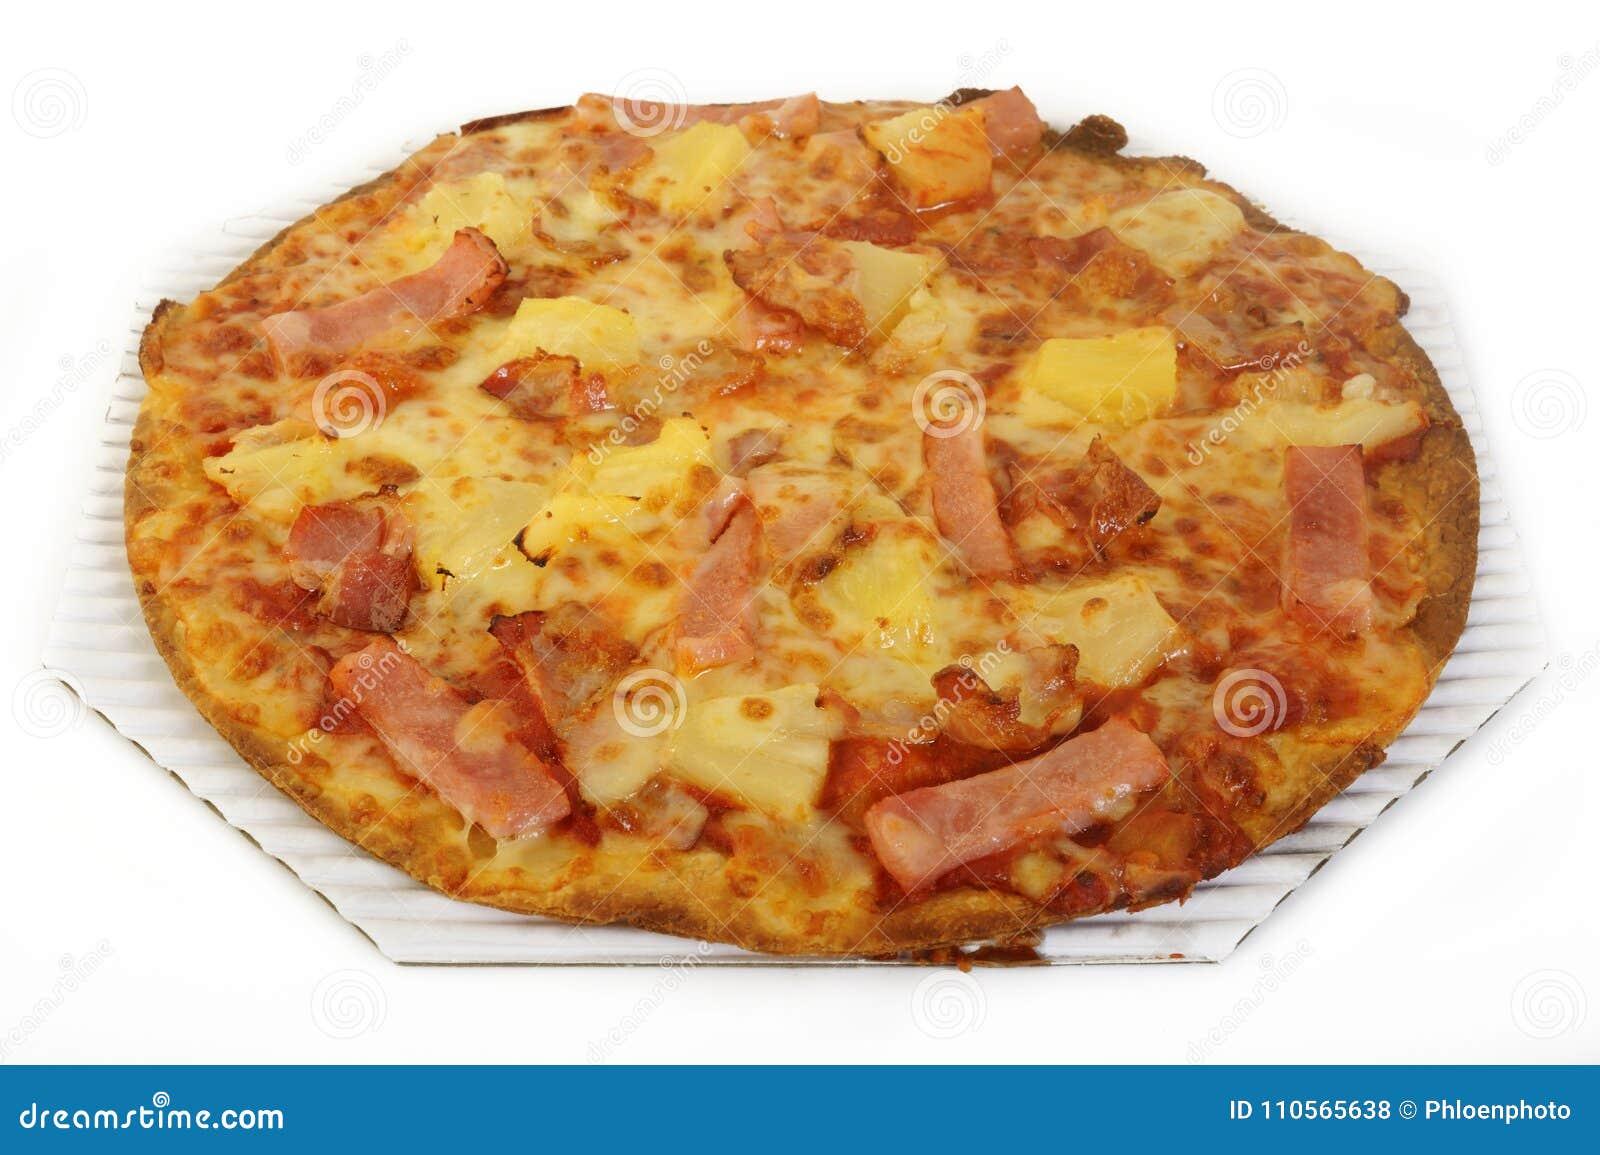 Hawaiian pizza topped